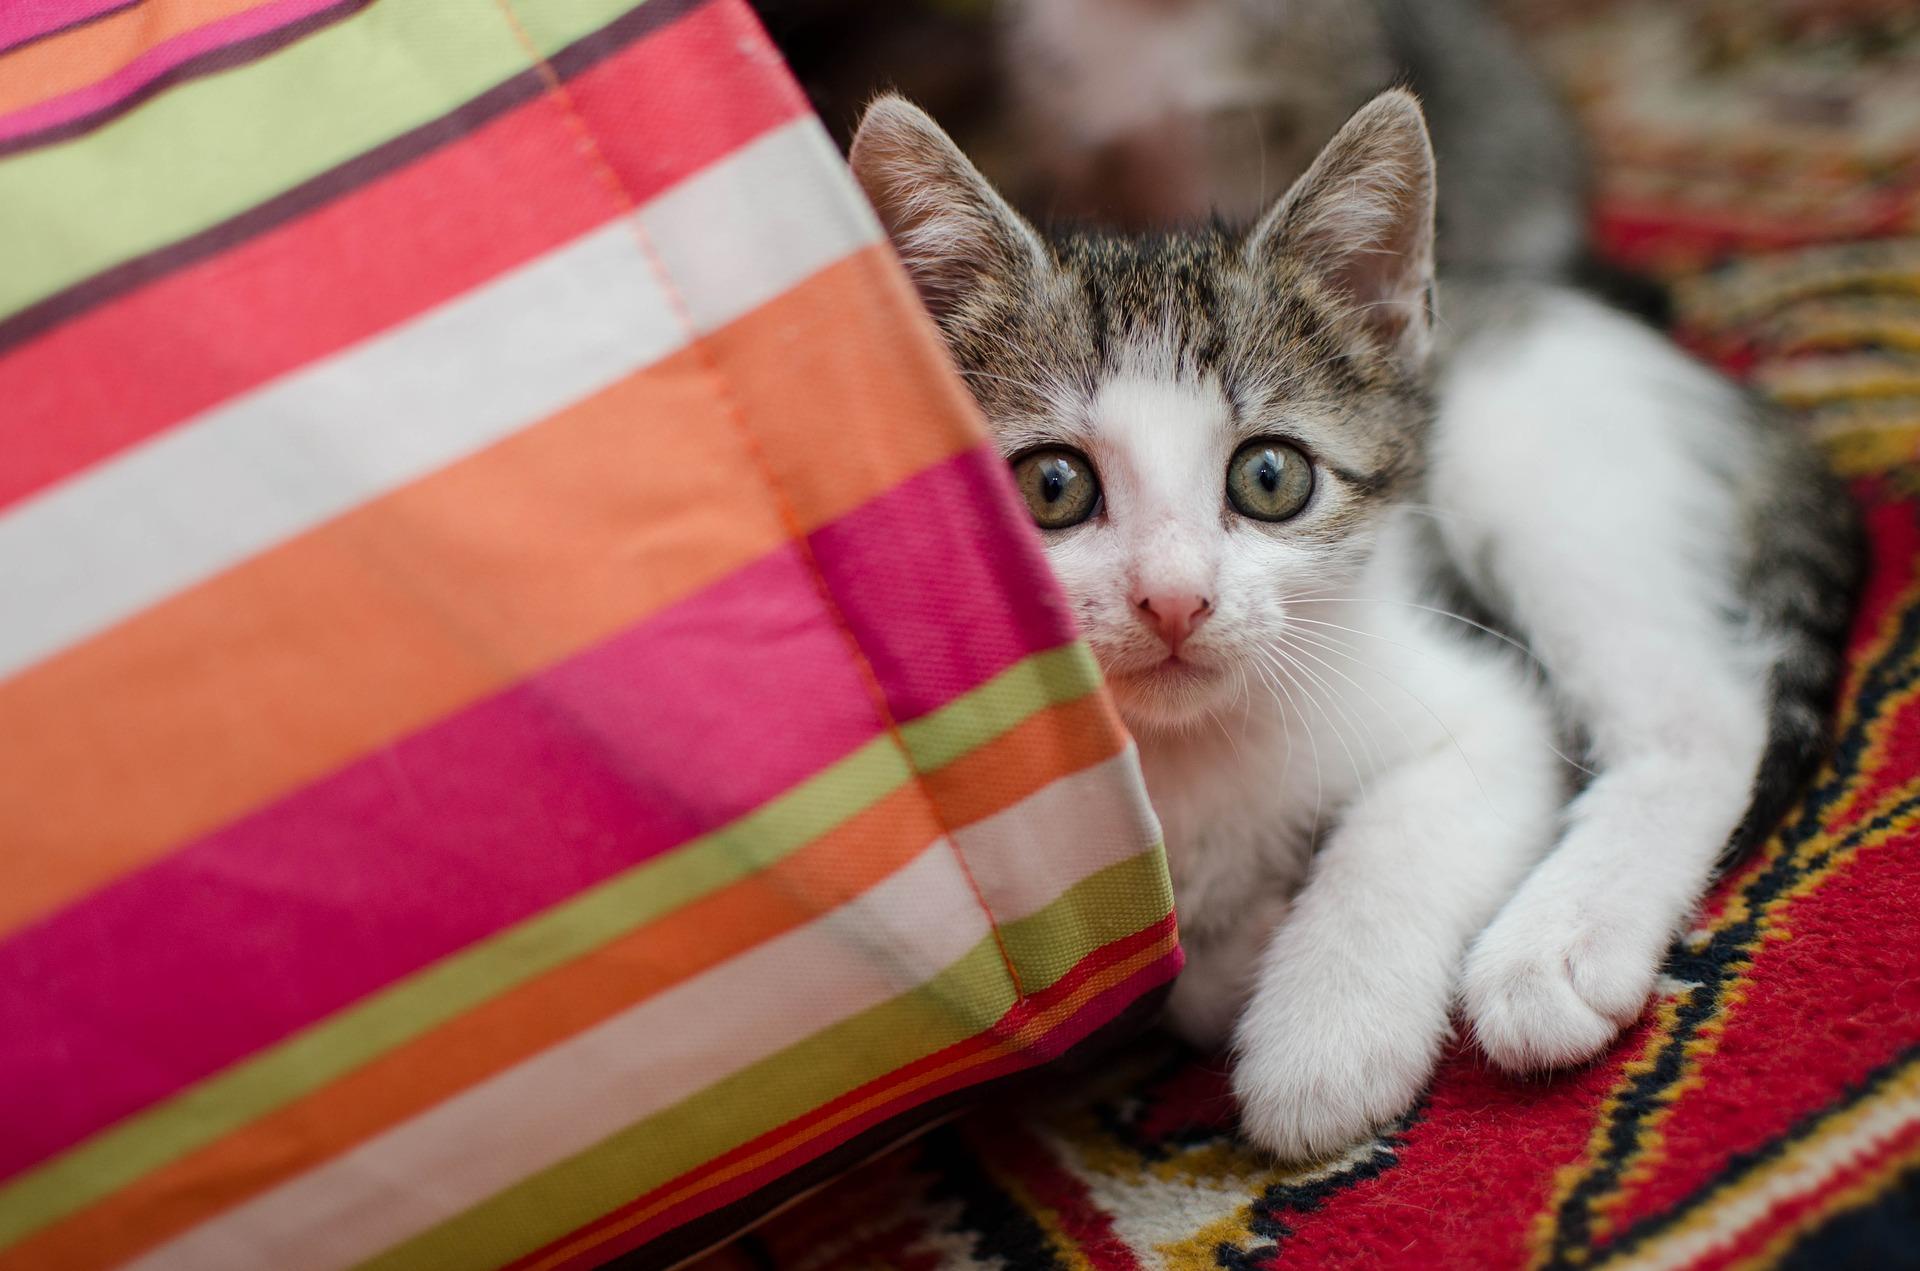 Nim mały kotek pojawi się w domu, trzeba przygotować się na jego przybycie. Niezbędne jest skompletowanie kociej wyprawki.